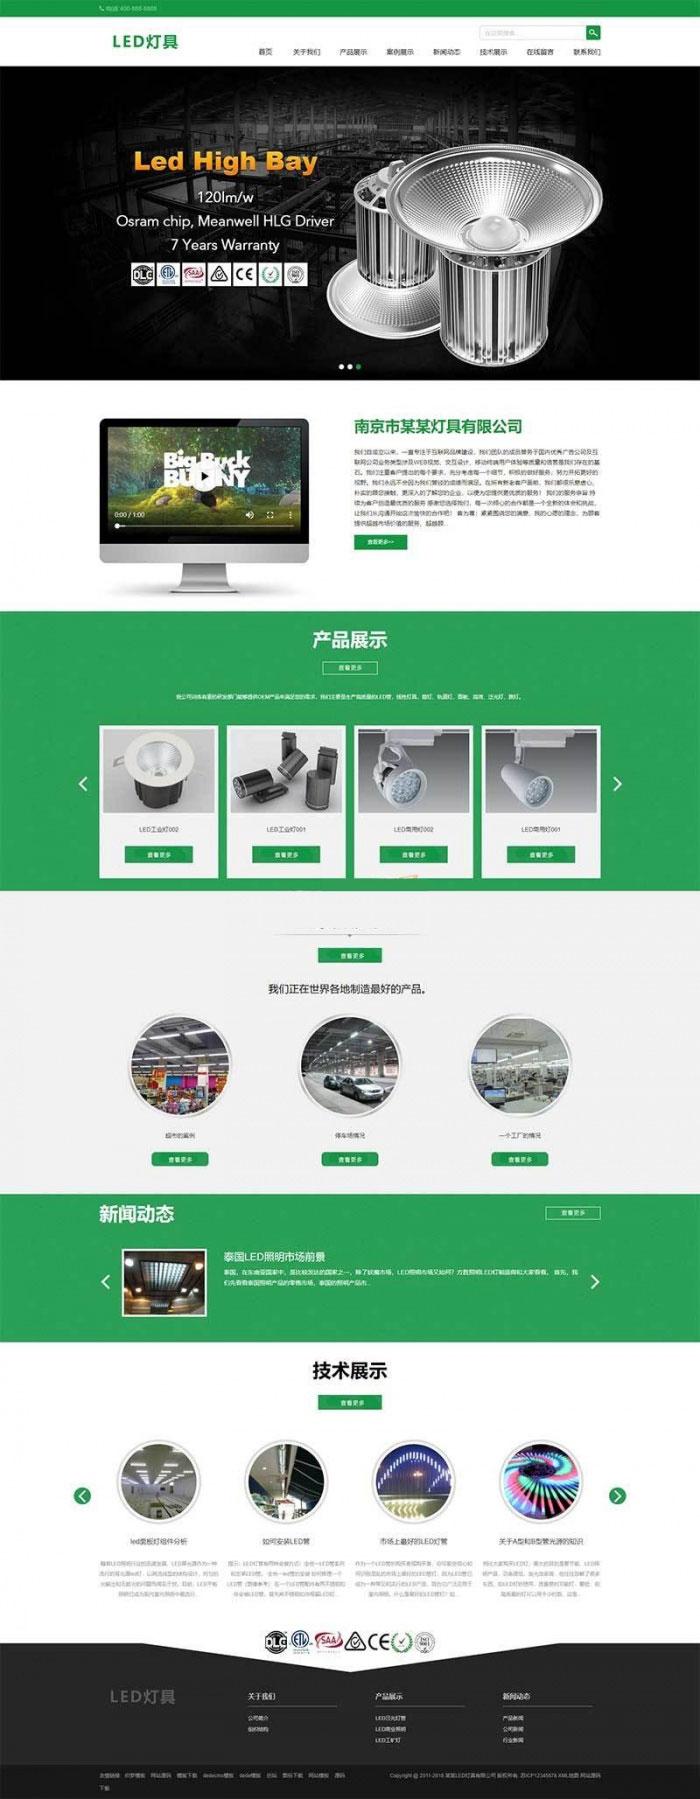 织梦dedecms响应式LED灯具节能灯汽车灯网站模板(自适应手机移动端)